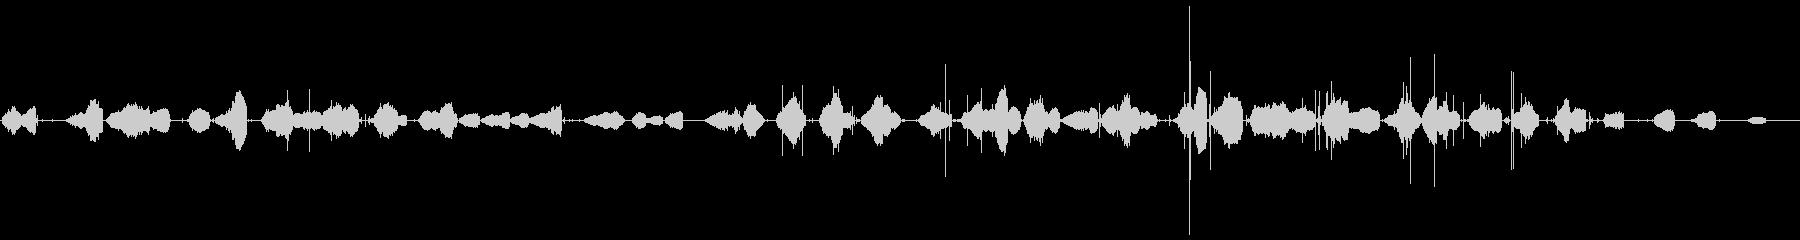 小グループ:鳴き声、動物、,歯類他...の未再生の波形